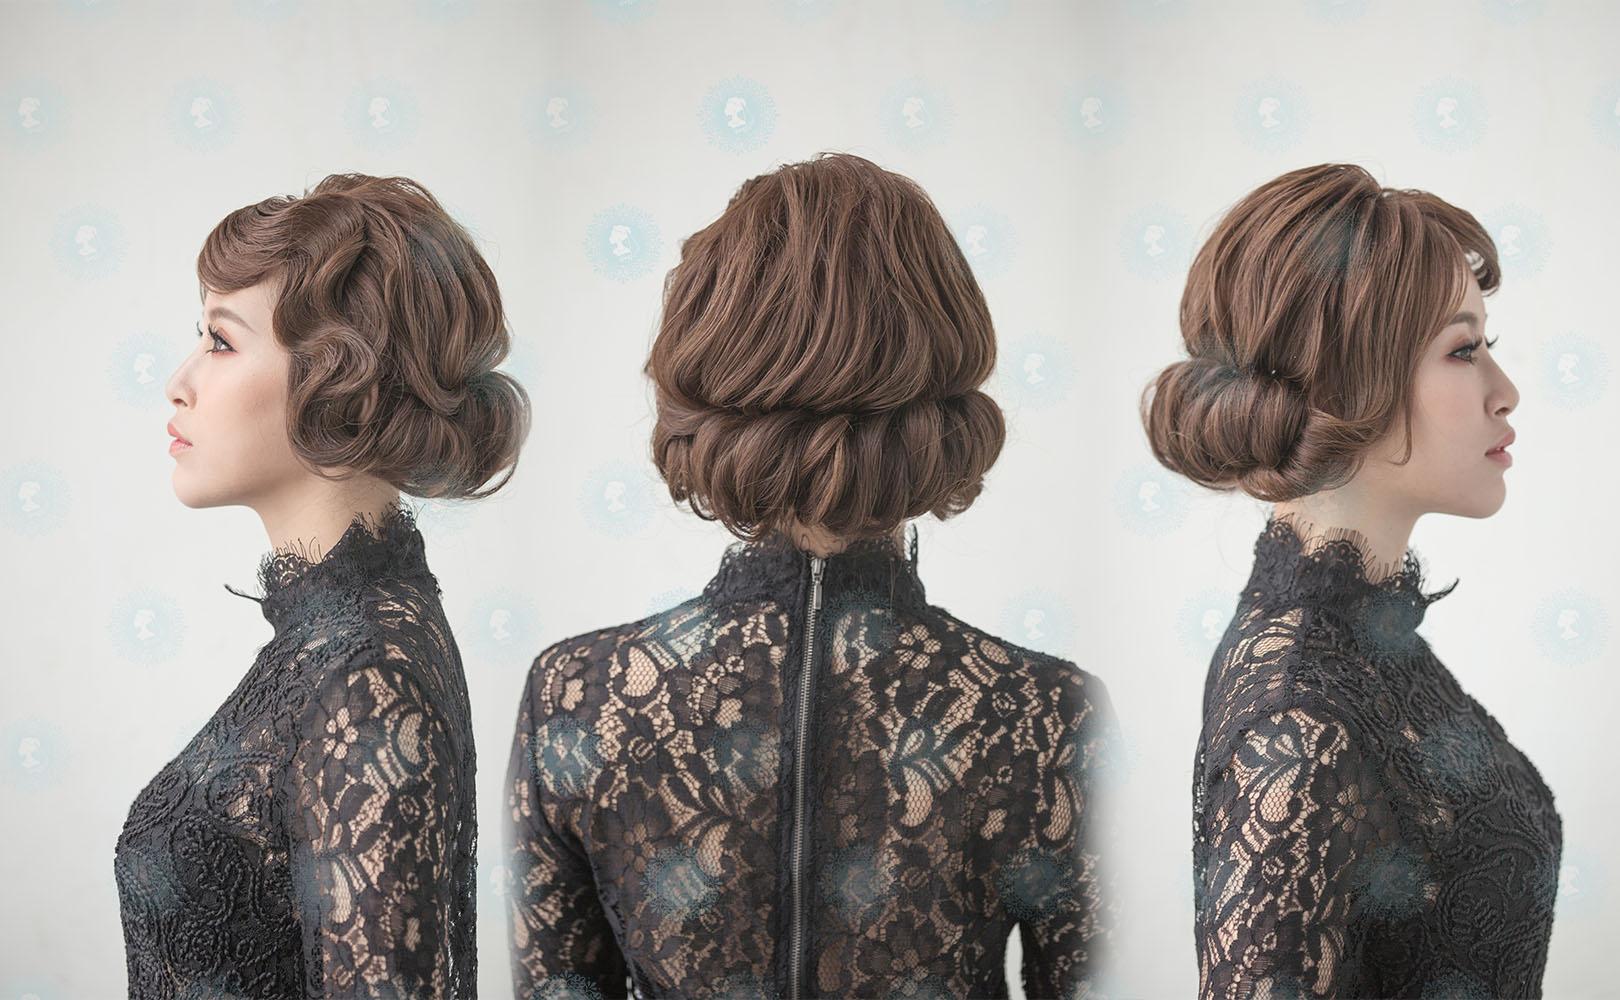 新娘秘書造型師作品-甜橘復古女星作品照片圖7